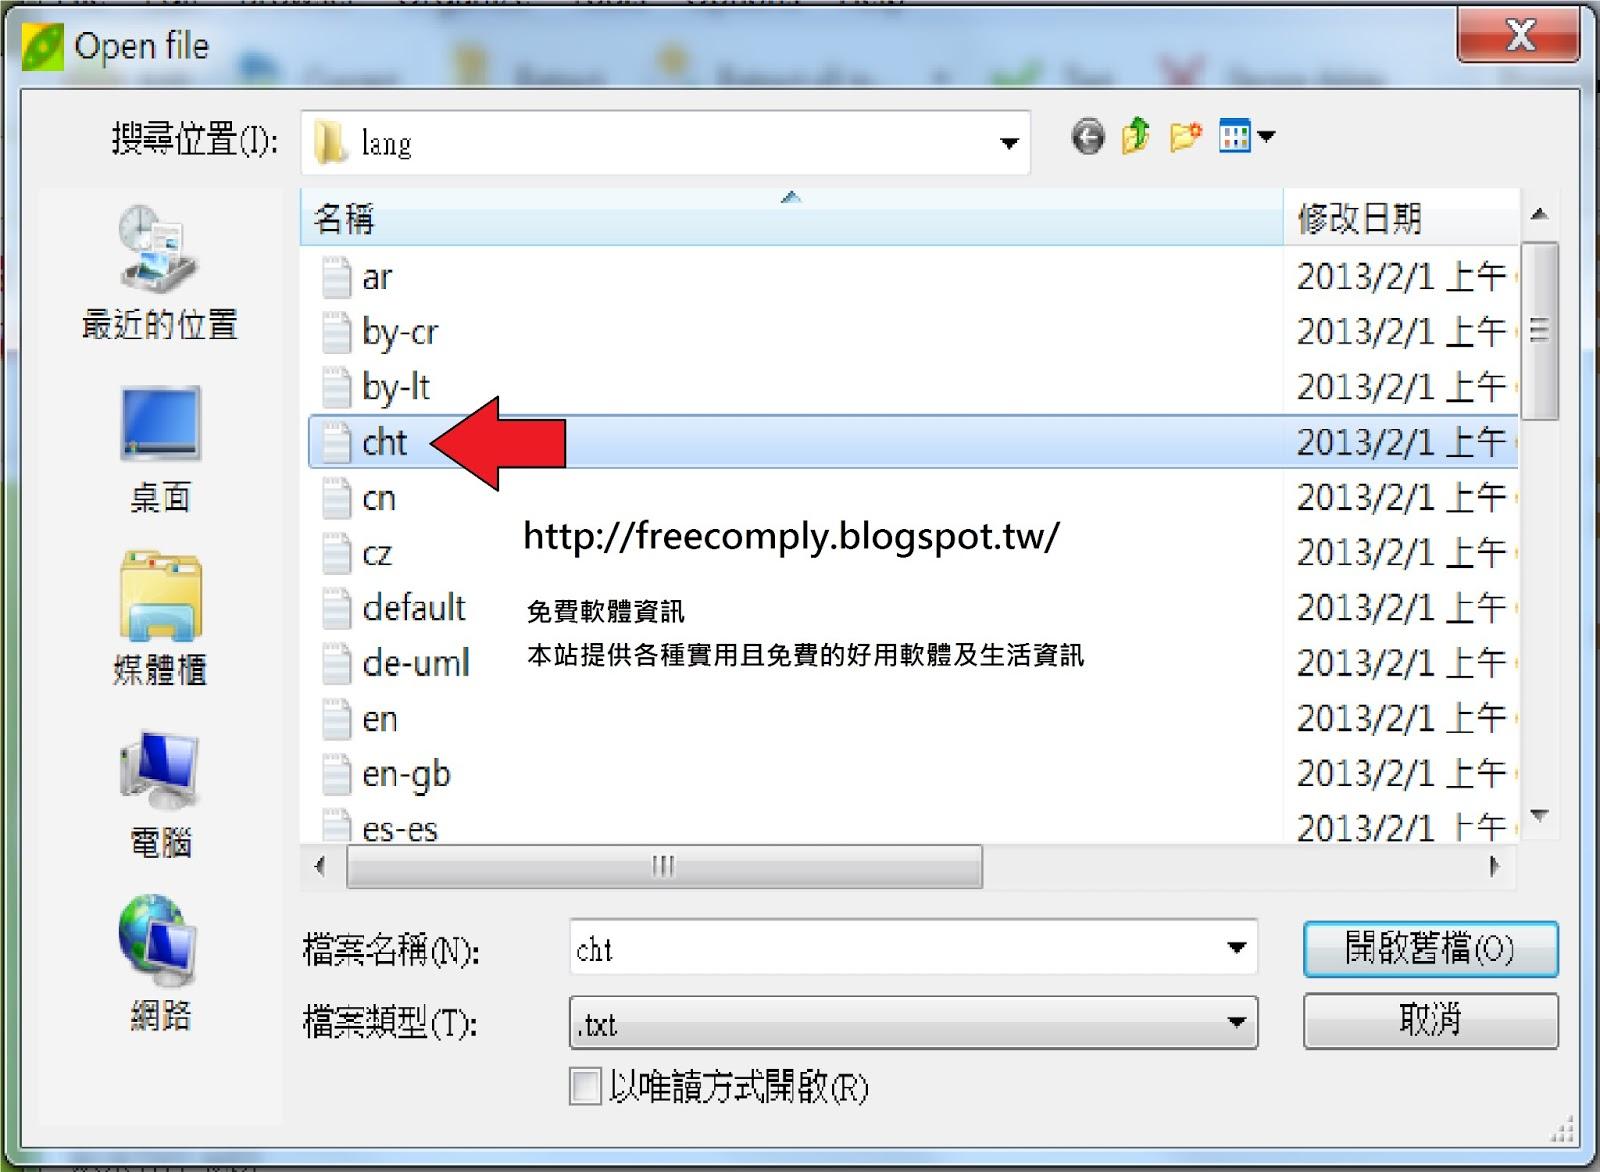 免費軟體資訊: PeaZip 4.8.1 加密壓縮縮檔案工具 中文免安裝